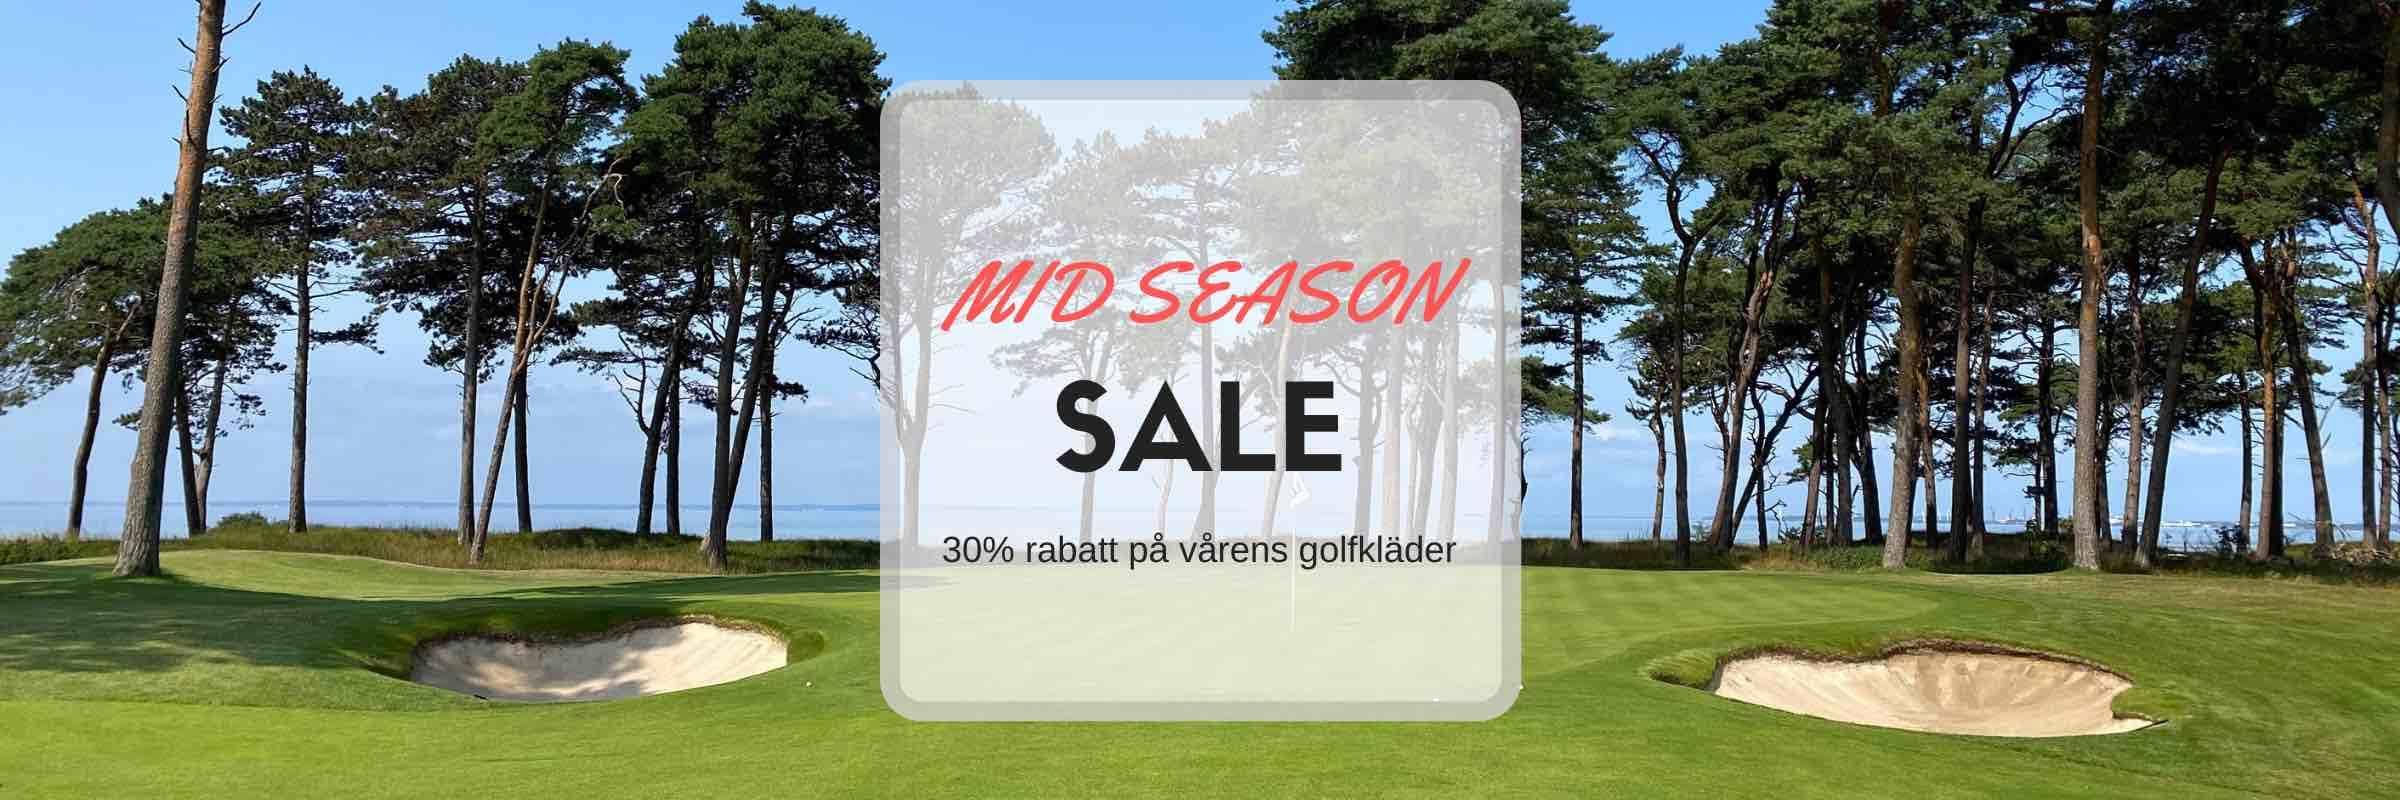 Golfrea 30% rabatt på golfkläder